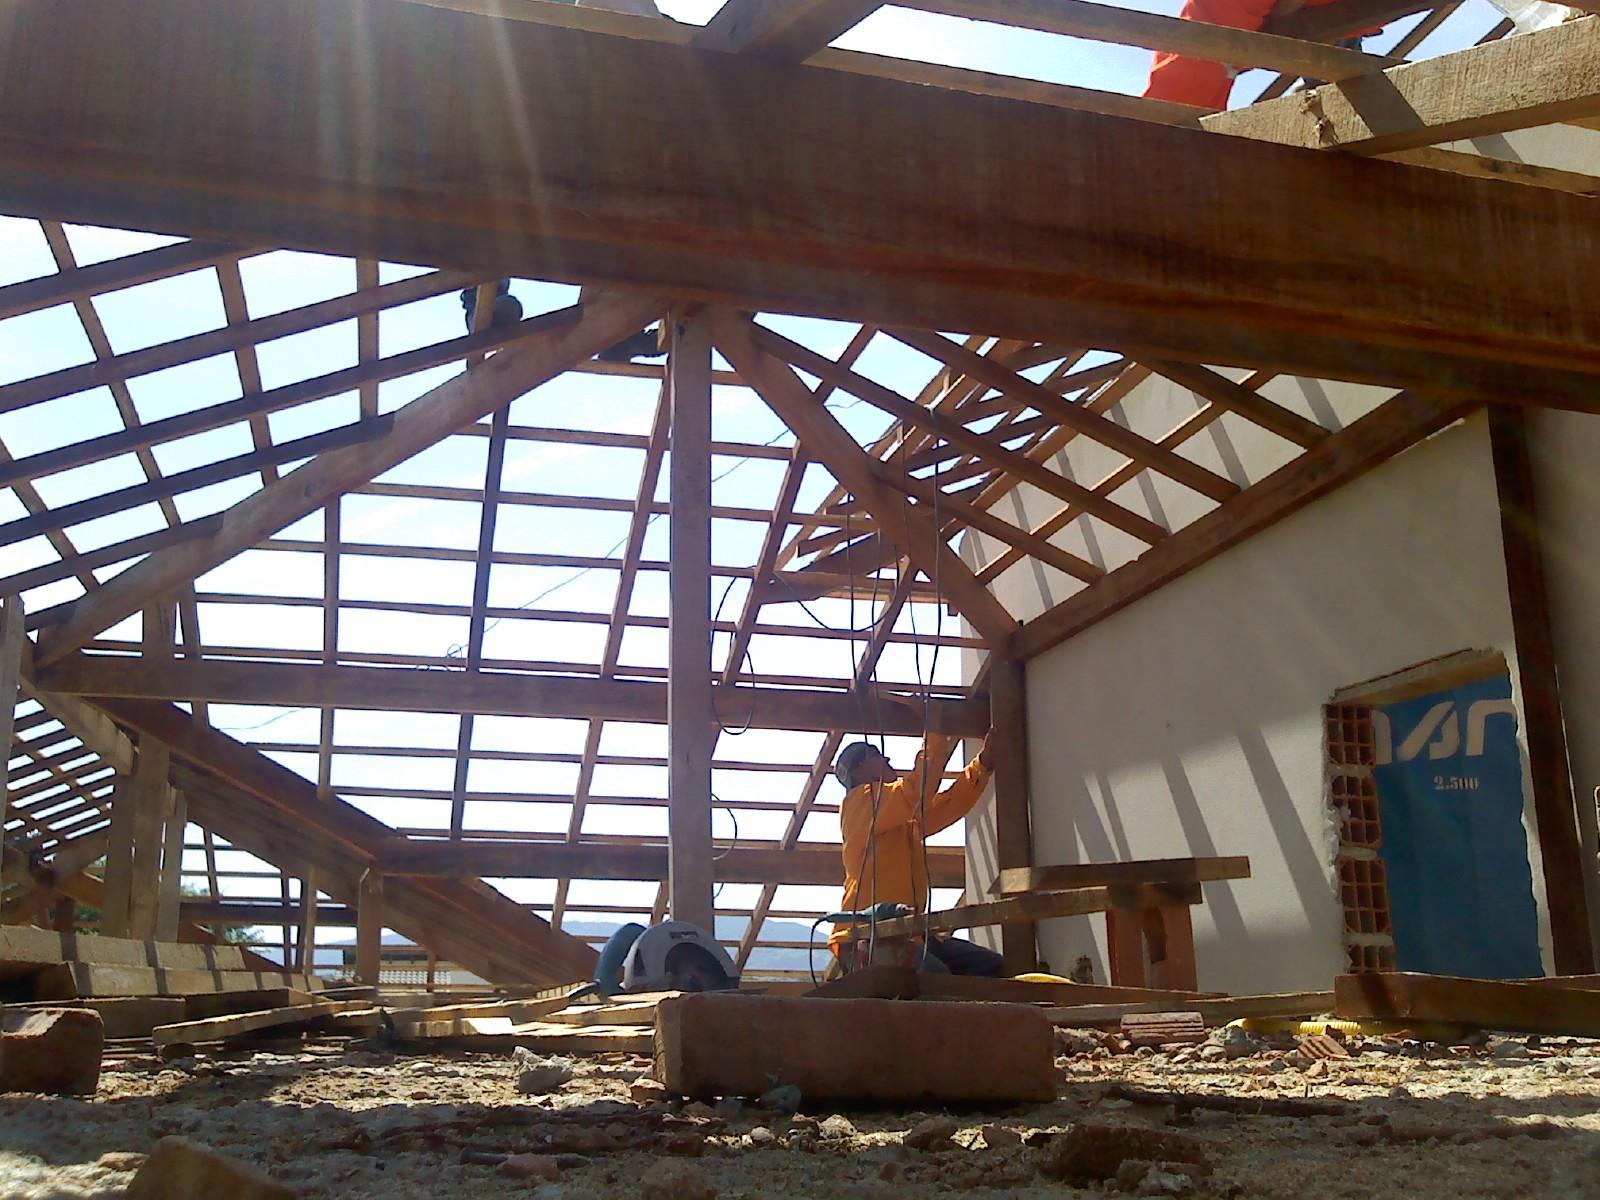 #3D818E Colocação dos batentes contra marcos e madeiramento do telhado 3891 Como Montar Janelas De Aluminio Da Linha Suprema